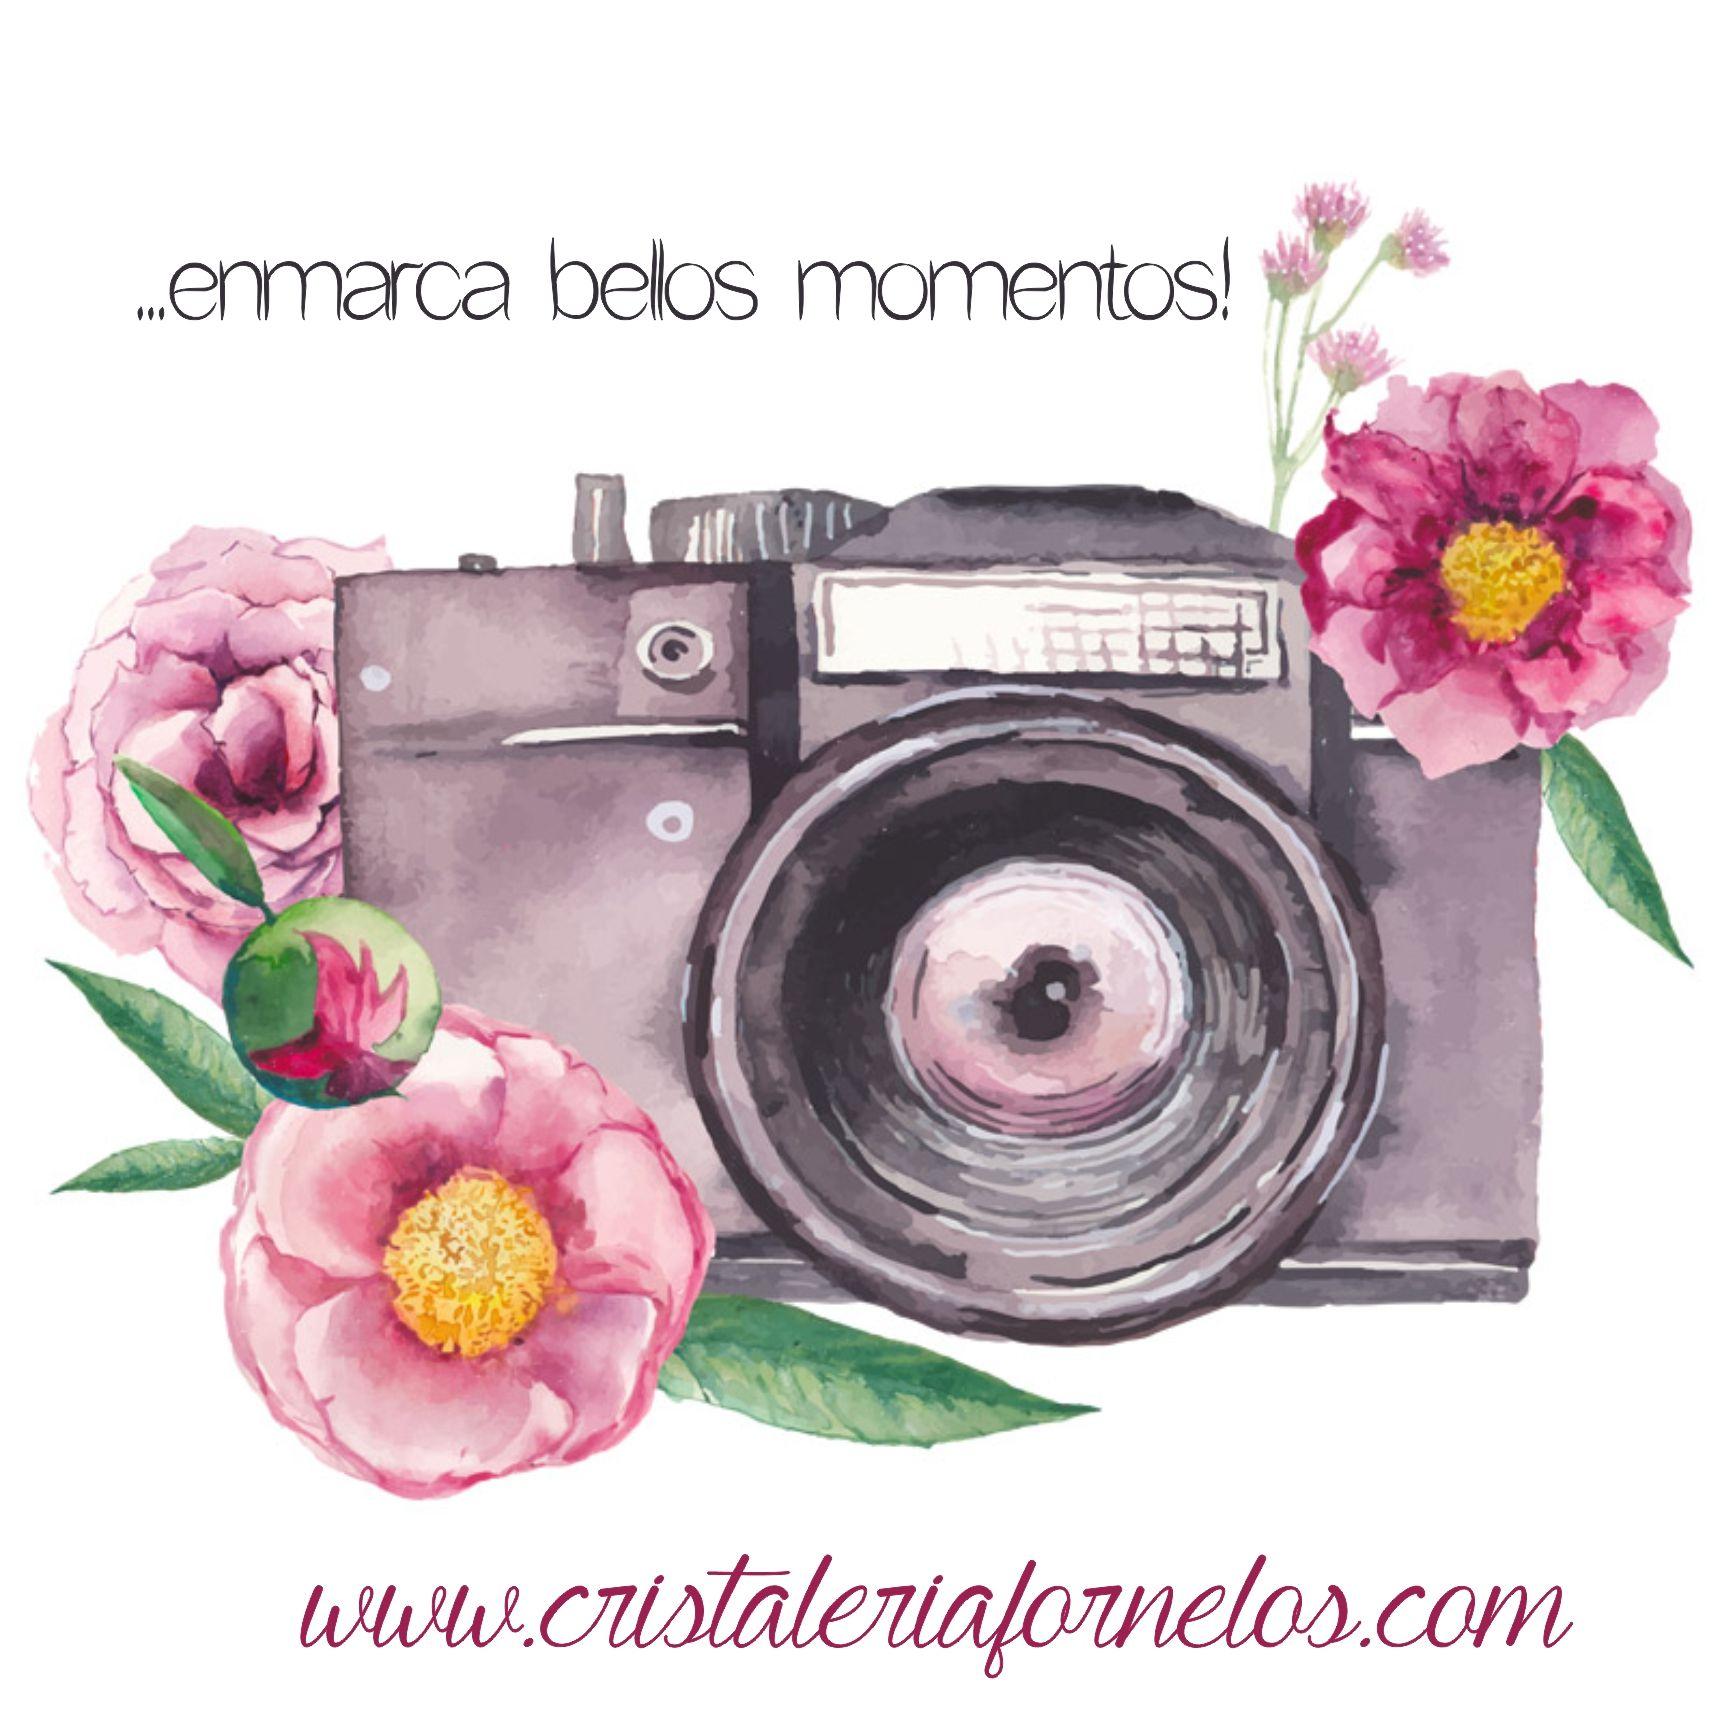 Enmarca bellos momentos e inmortaliza esas fotografías tan especiales con nuestras molduras!! :-)